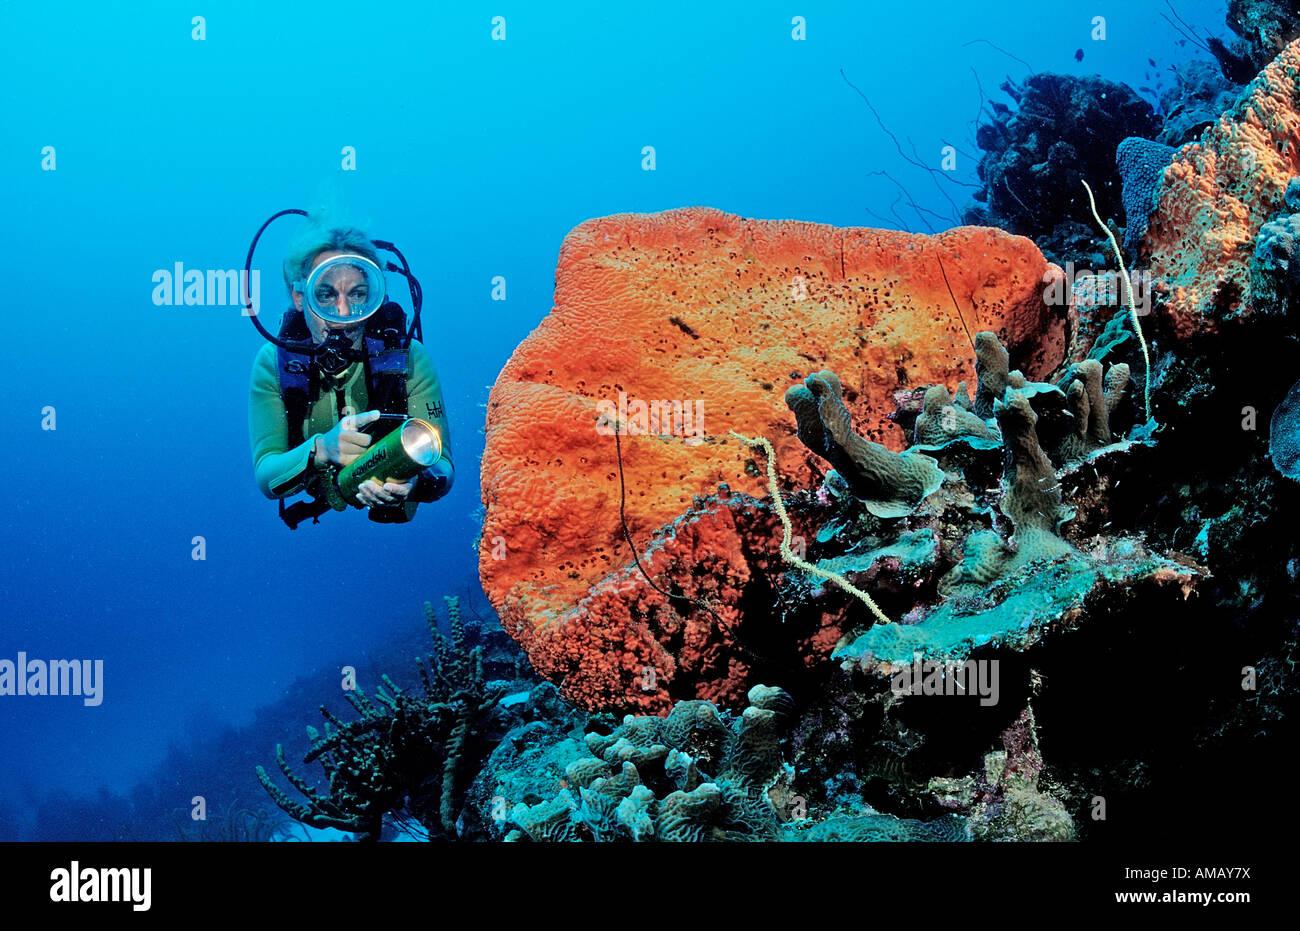 Scuba Diver e Orange a orecchio di elefante spugna Agelas clathrodes Antille Olandesi Bonaire Mar dei Caraibi Immagini Stock